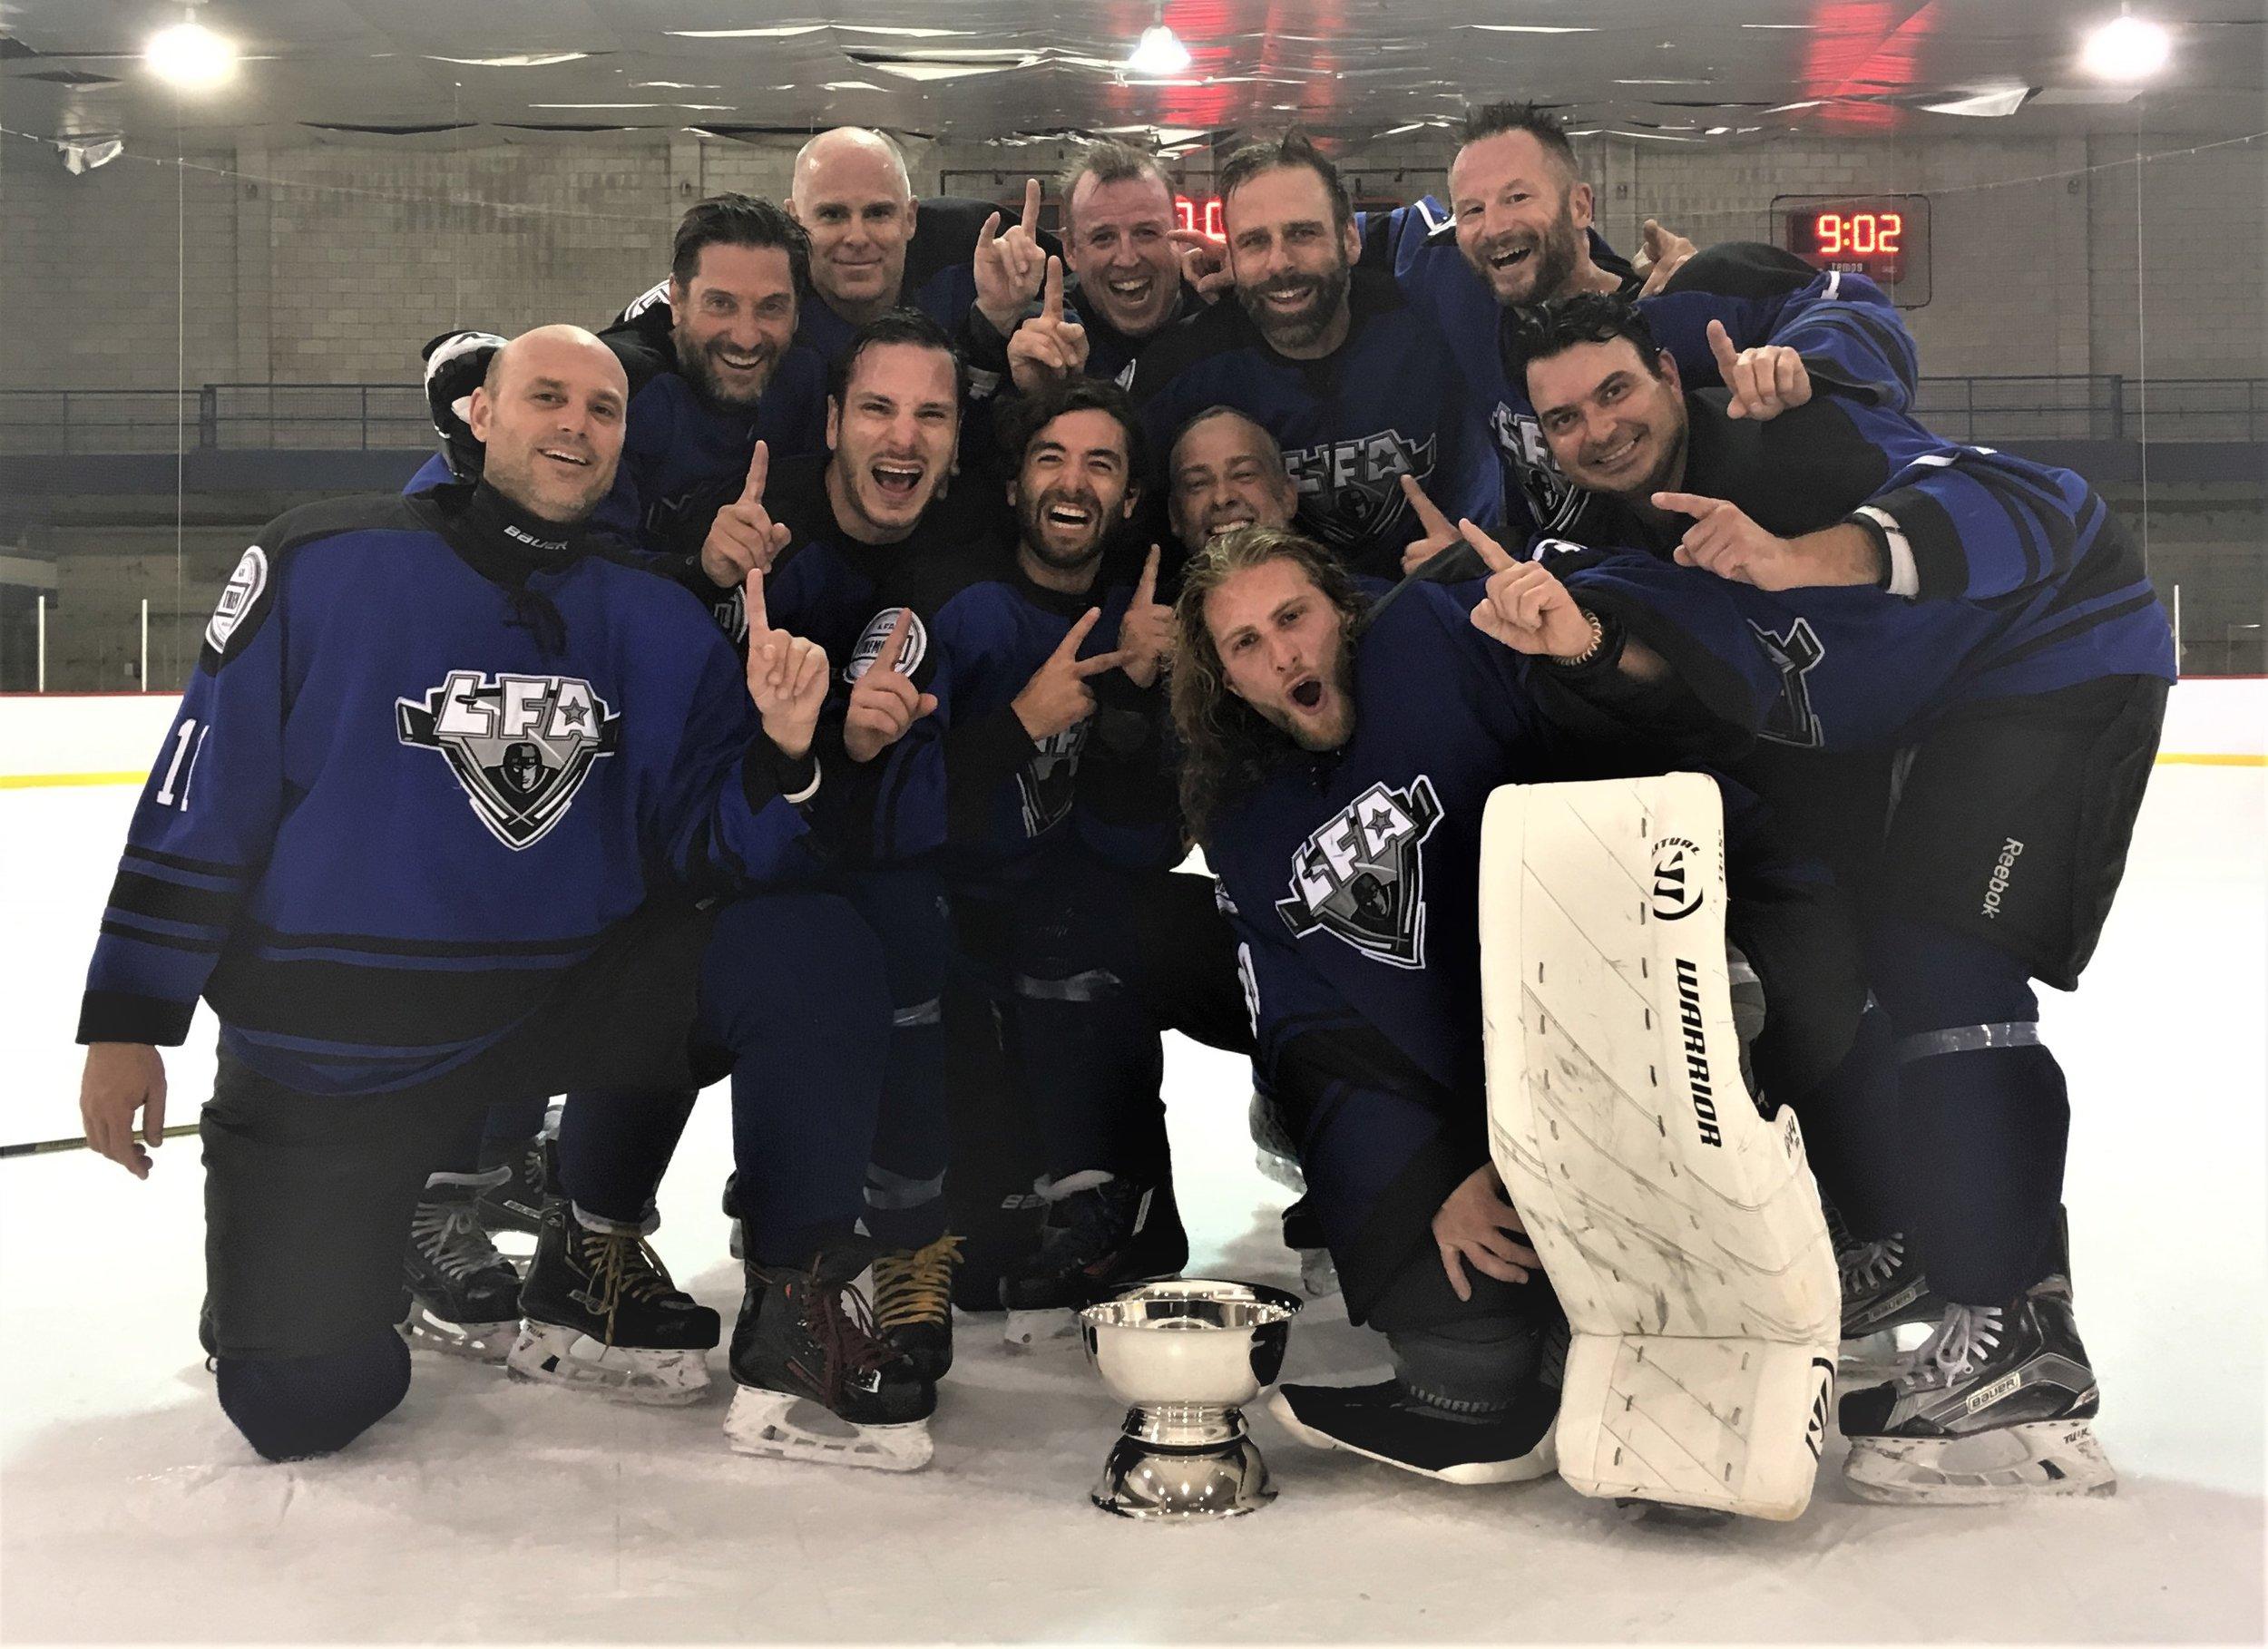 les barbares, champions d'été 2019 de la division satellite de la lfa (photo jfd)